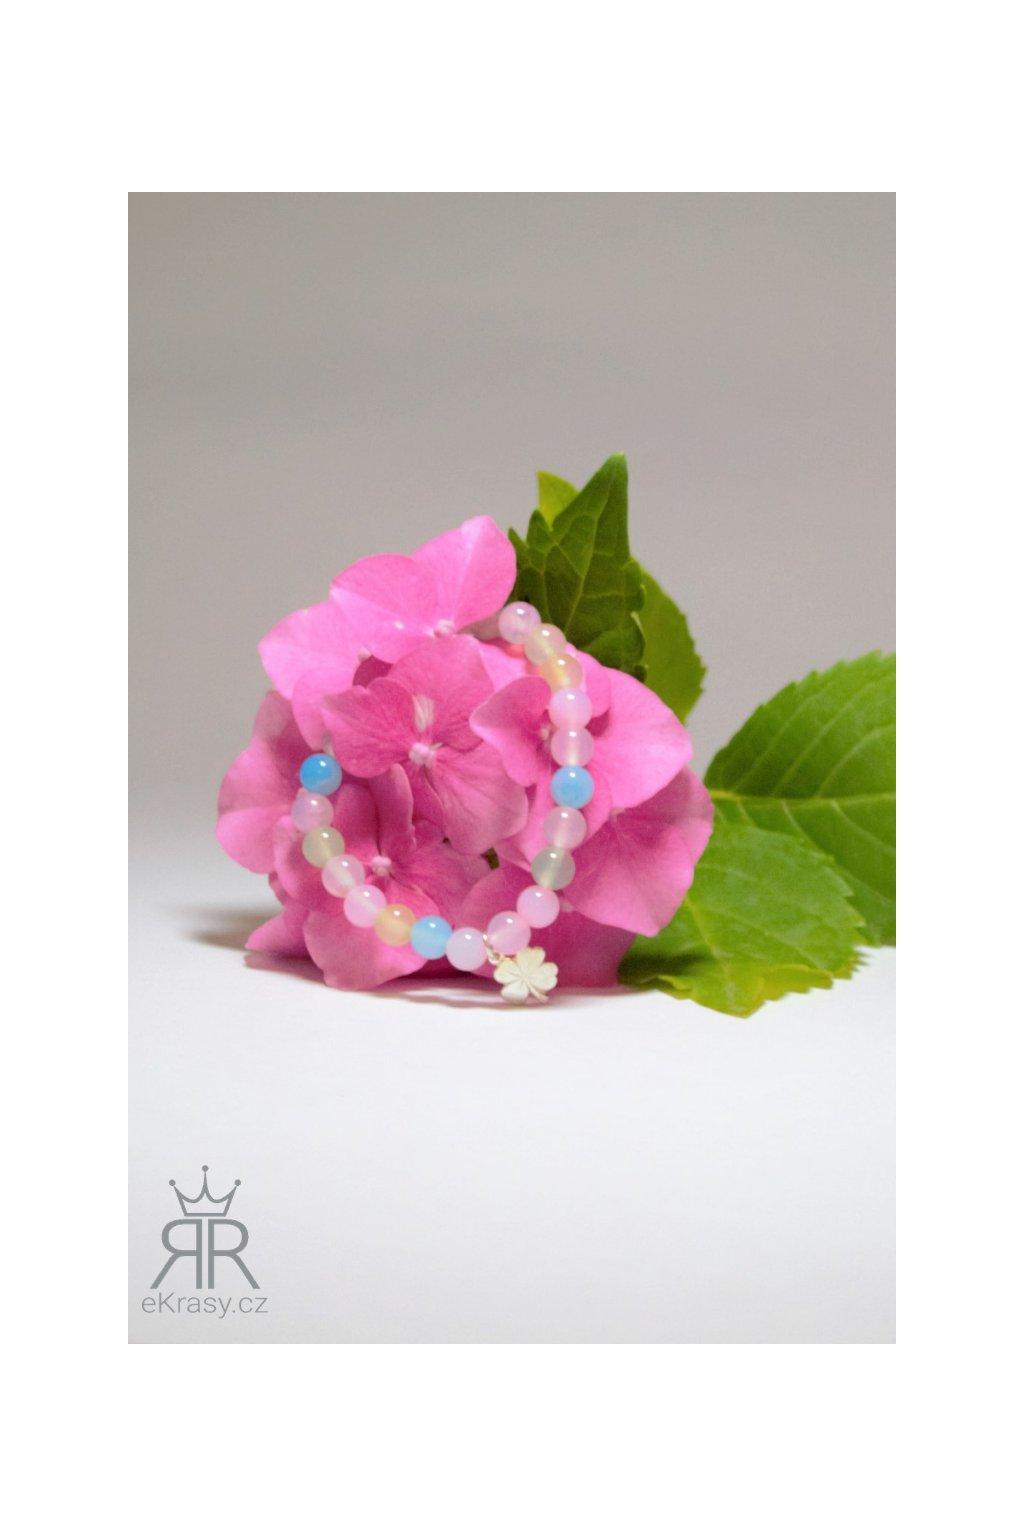 eKrasy náramek Duhová víla - krásný dárek pro dívku